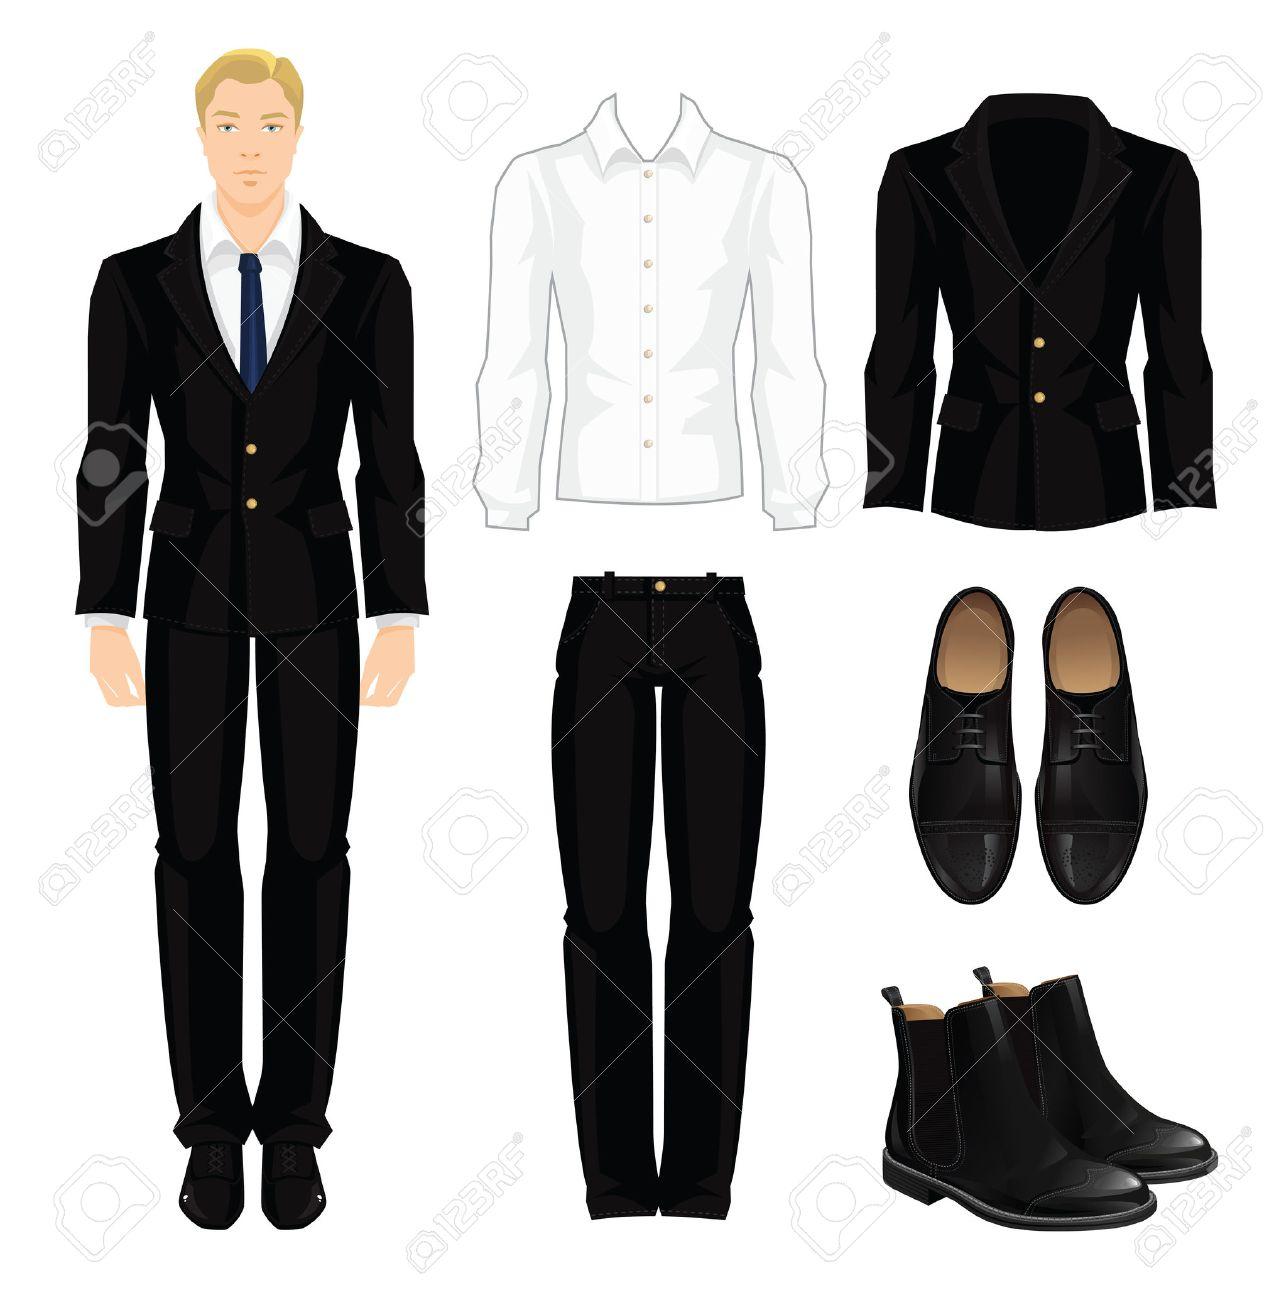 902437b9e Ilustración del vector de código de vestimenta corporativa. Oficina  uniforme. Ropa para hombre de negocios. Mujer de negocios o profesor en  traje ...